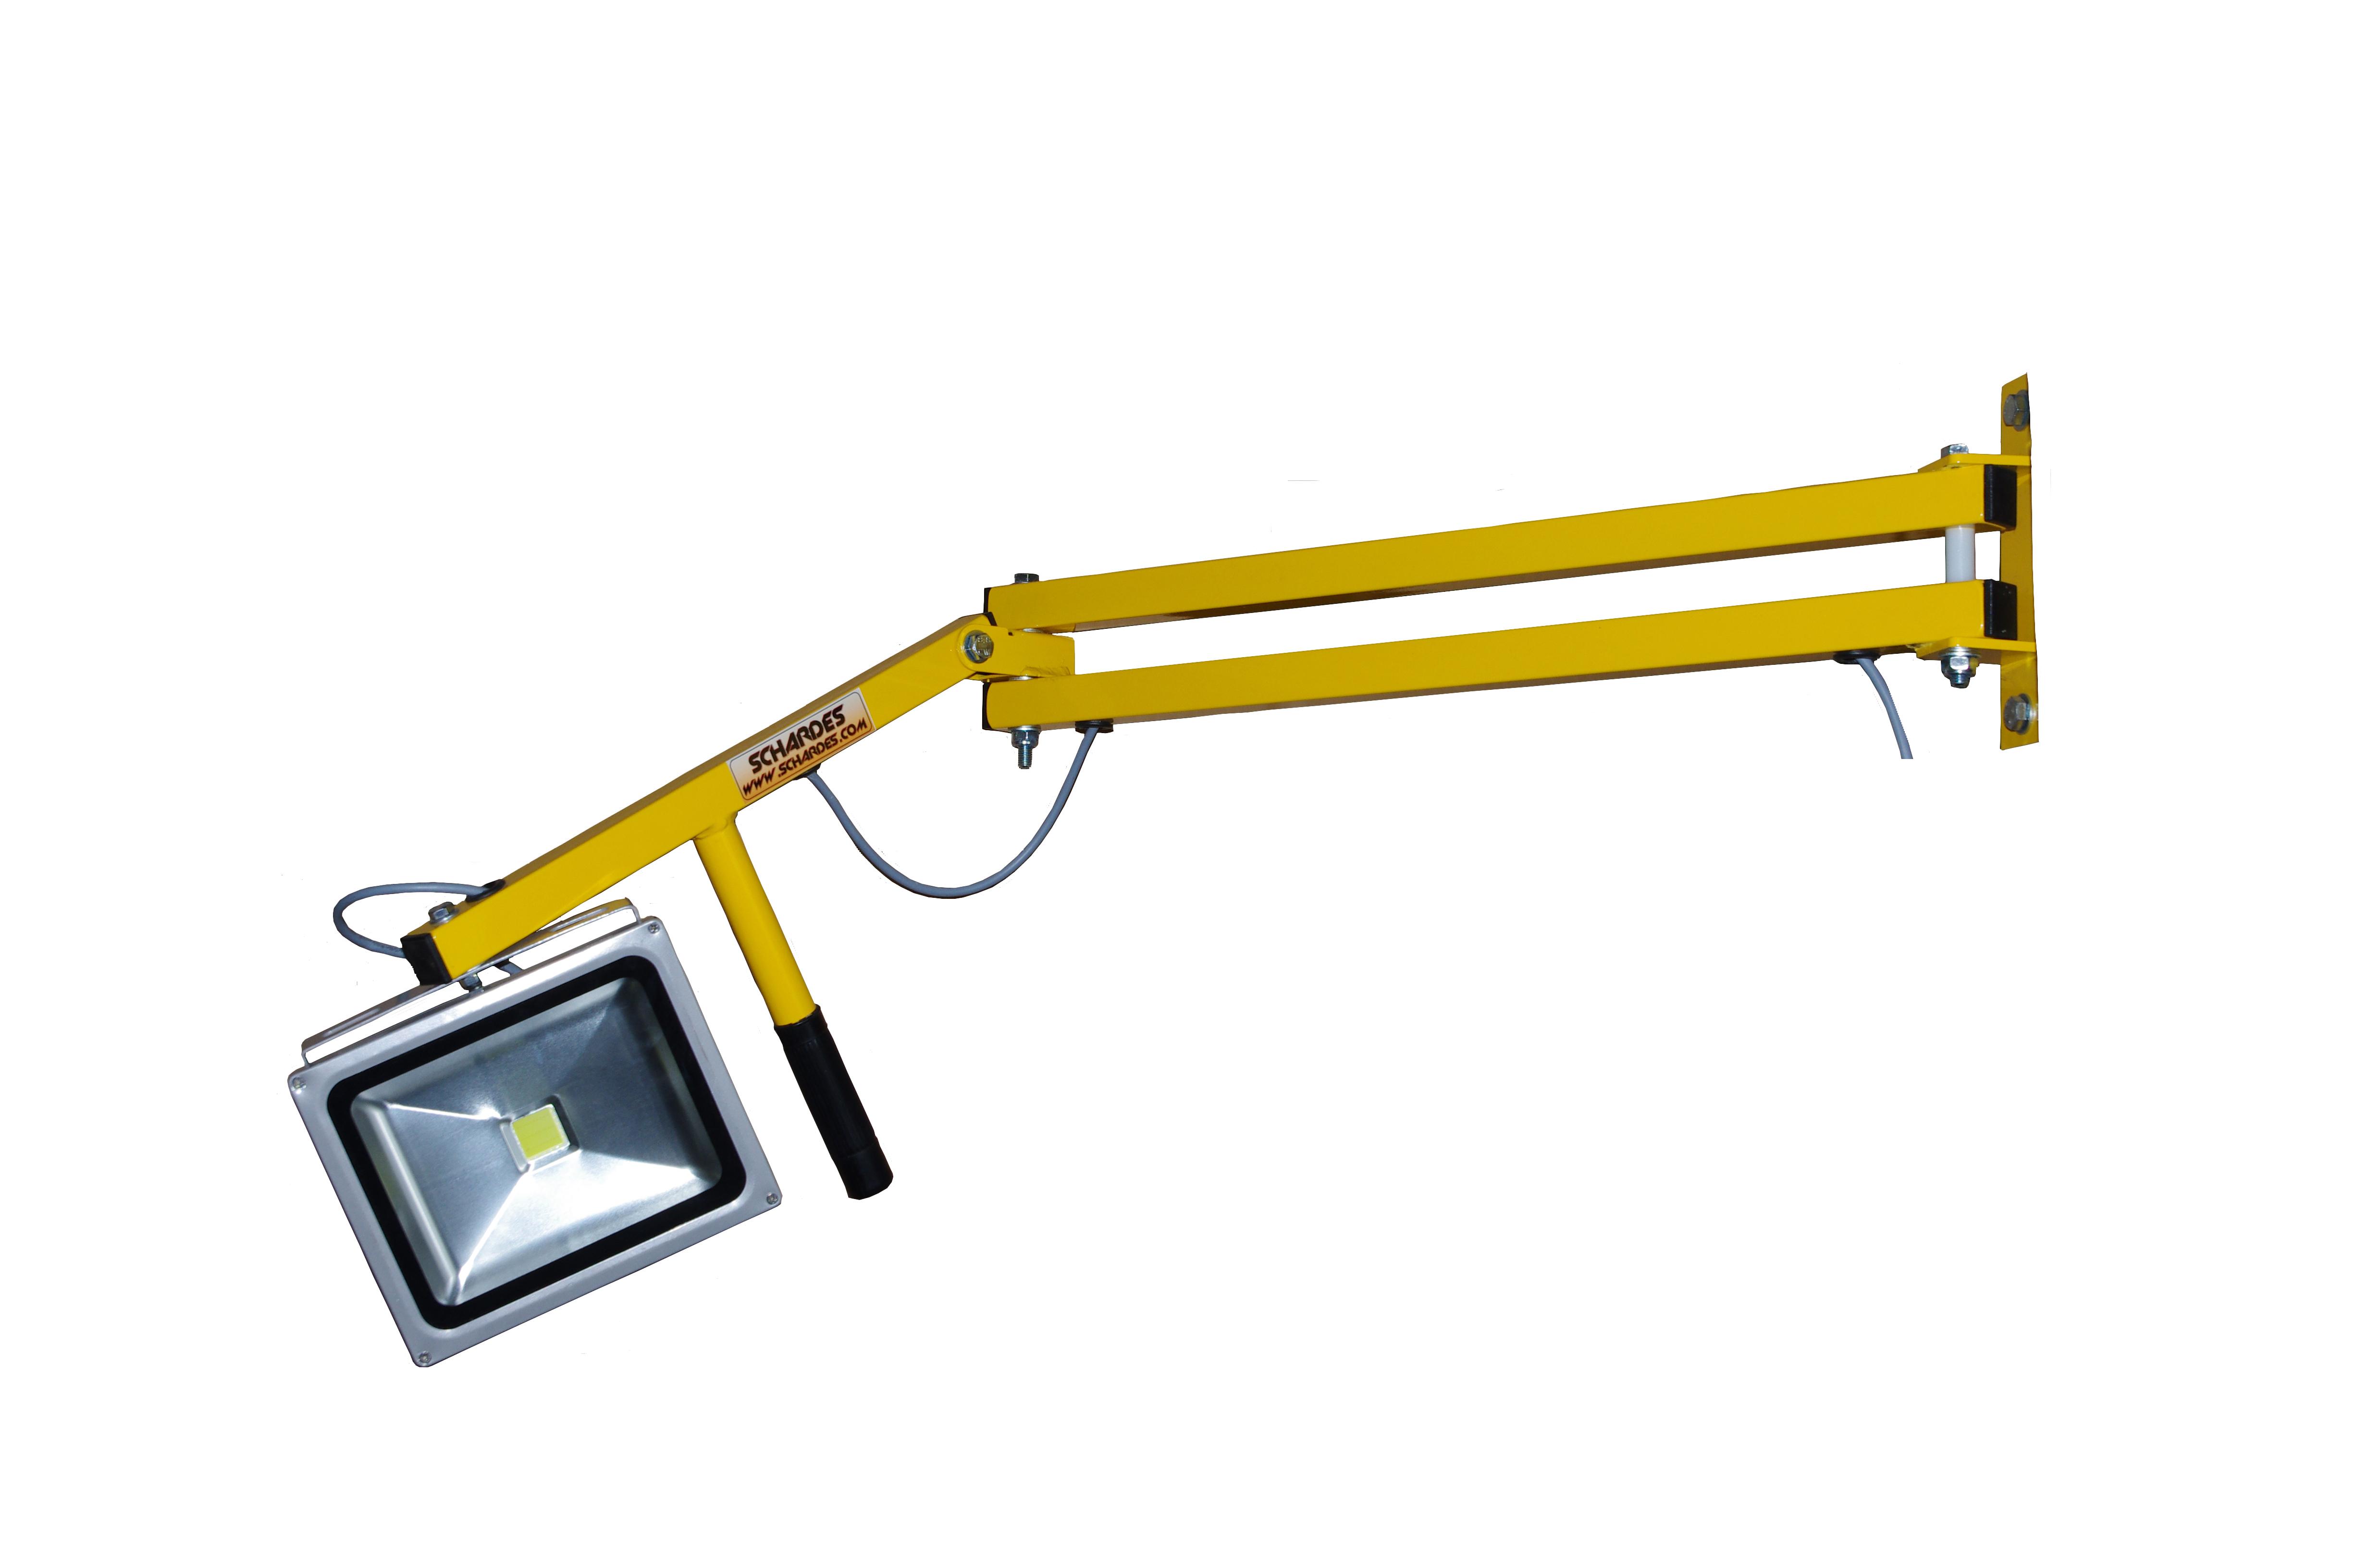 Projecteur de quai led de chargement interieur for Projecteur interieur